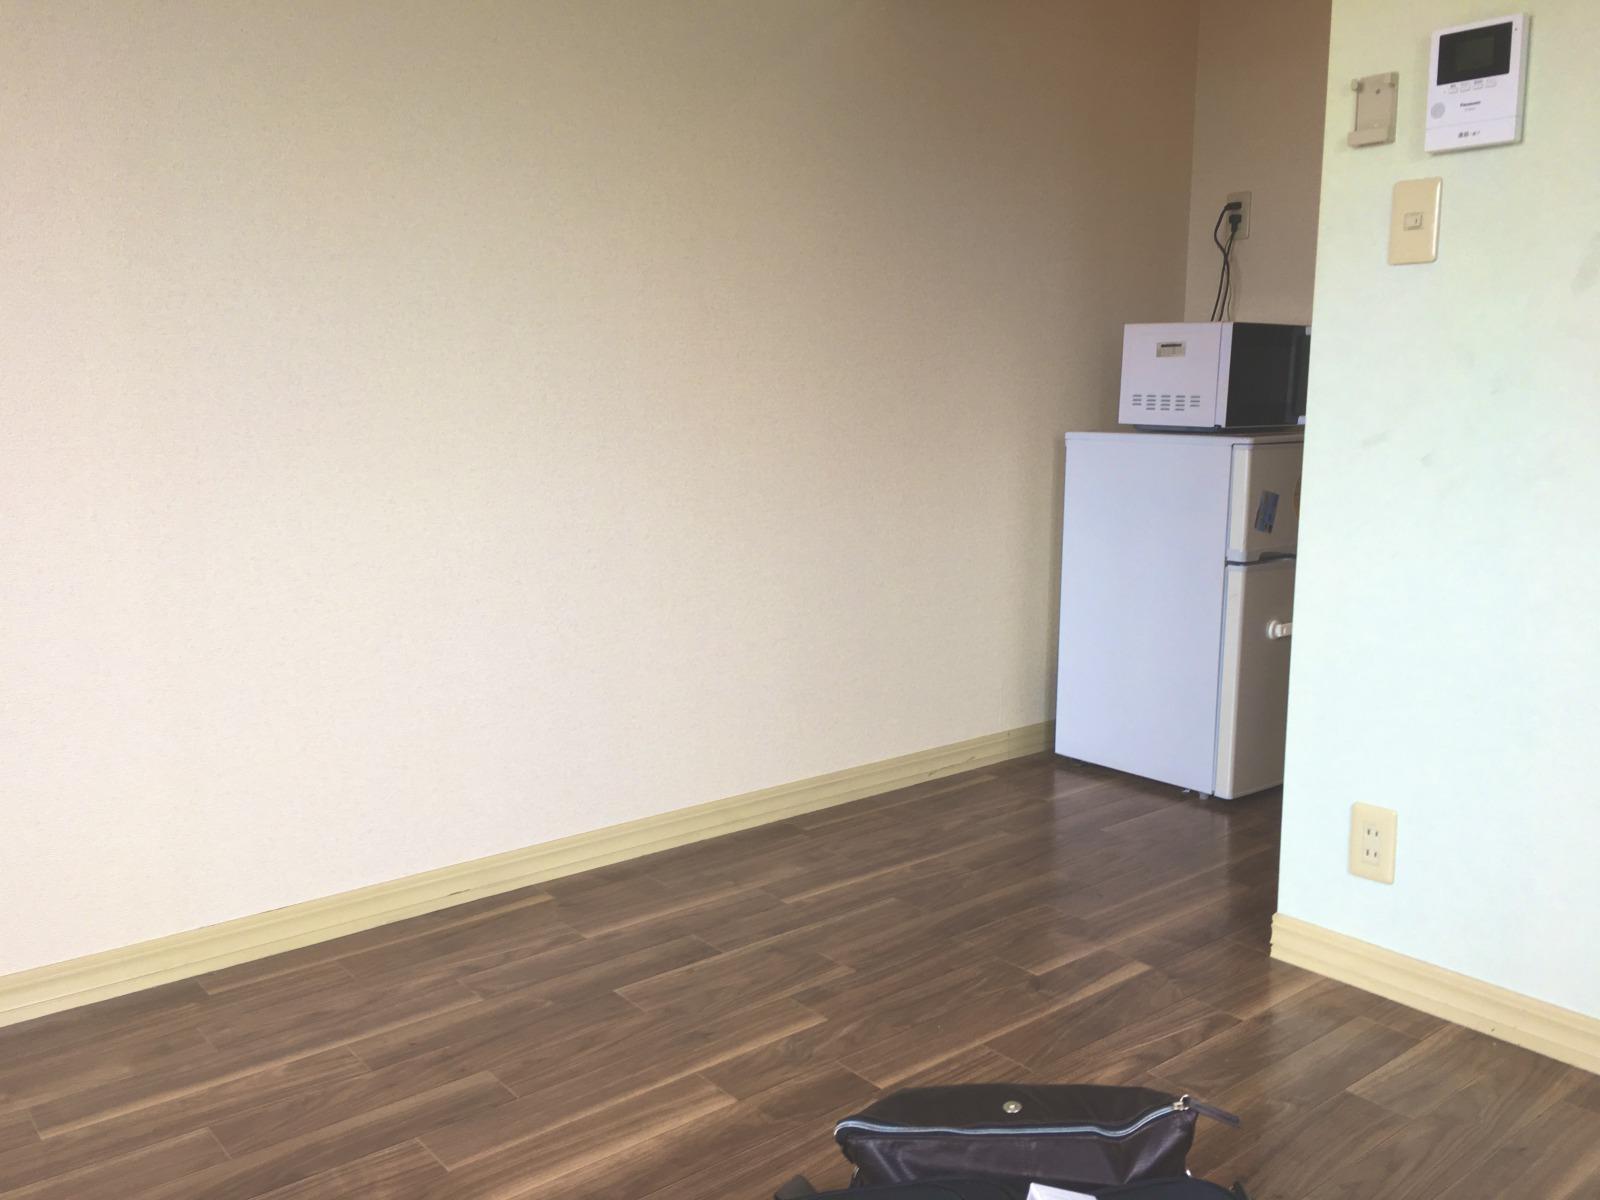 期間工の寮の部屋の様子